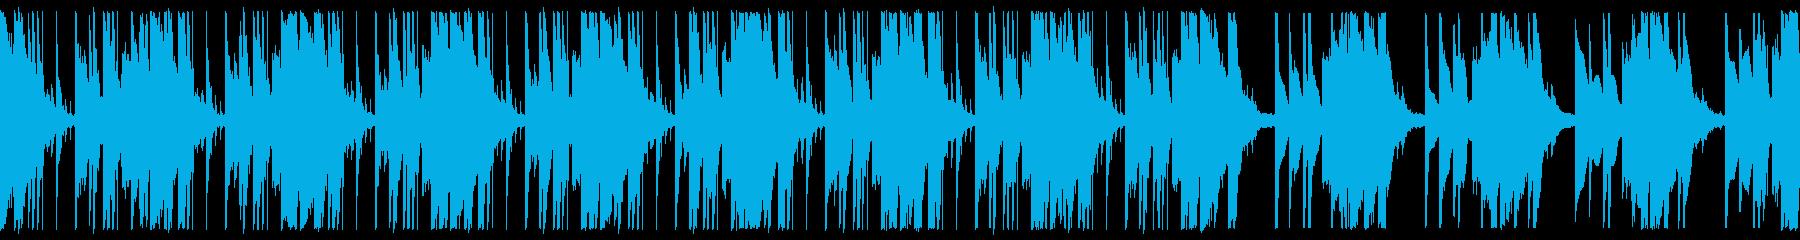 かっこいいテクノBGMの再生済みの波形